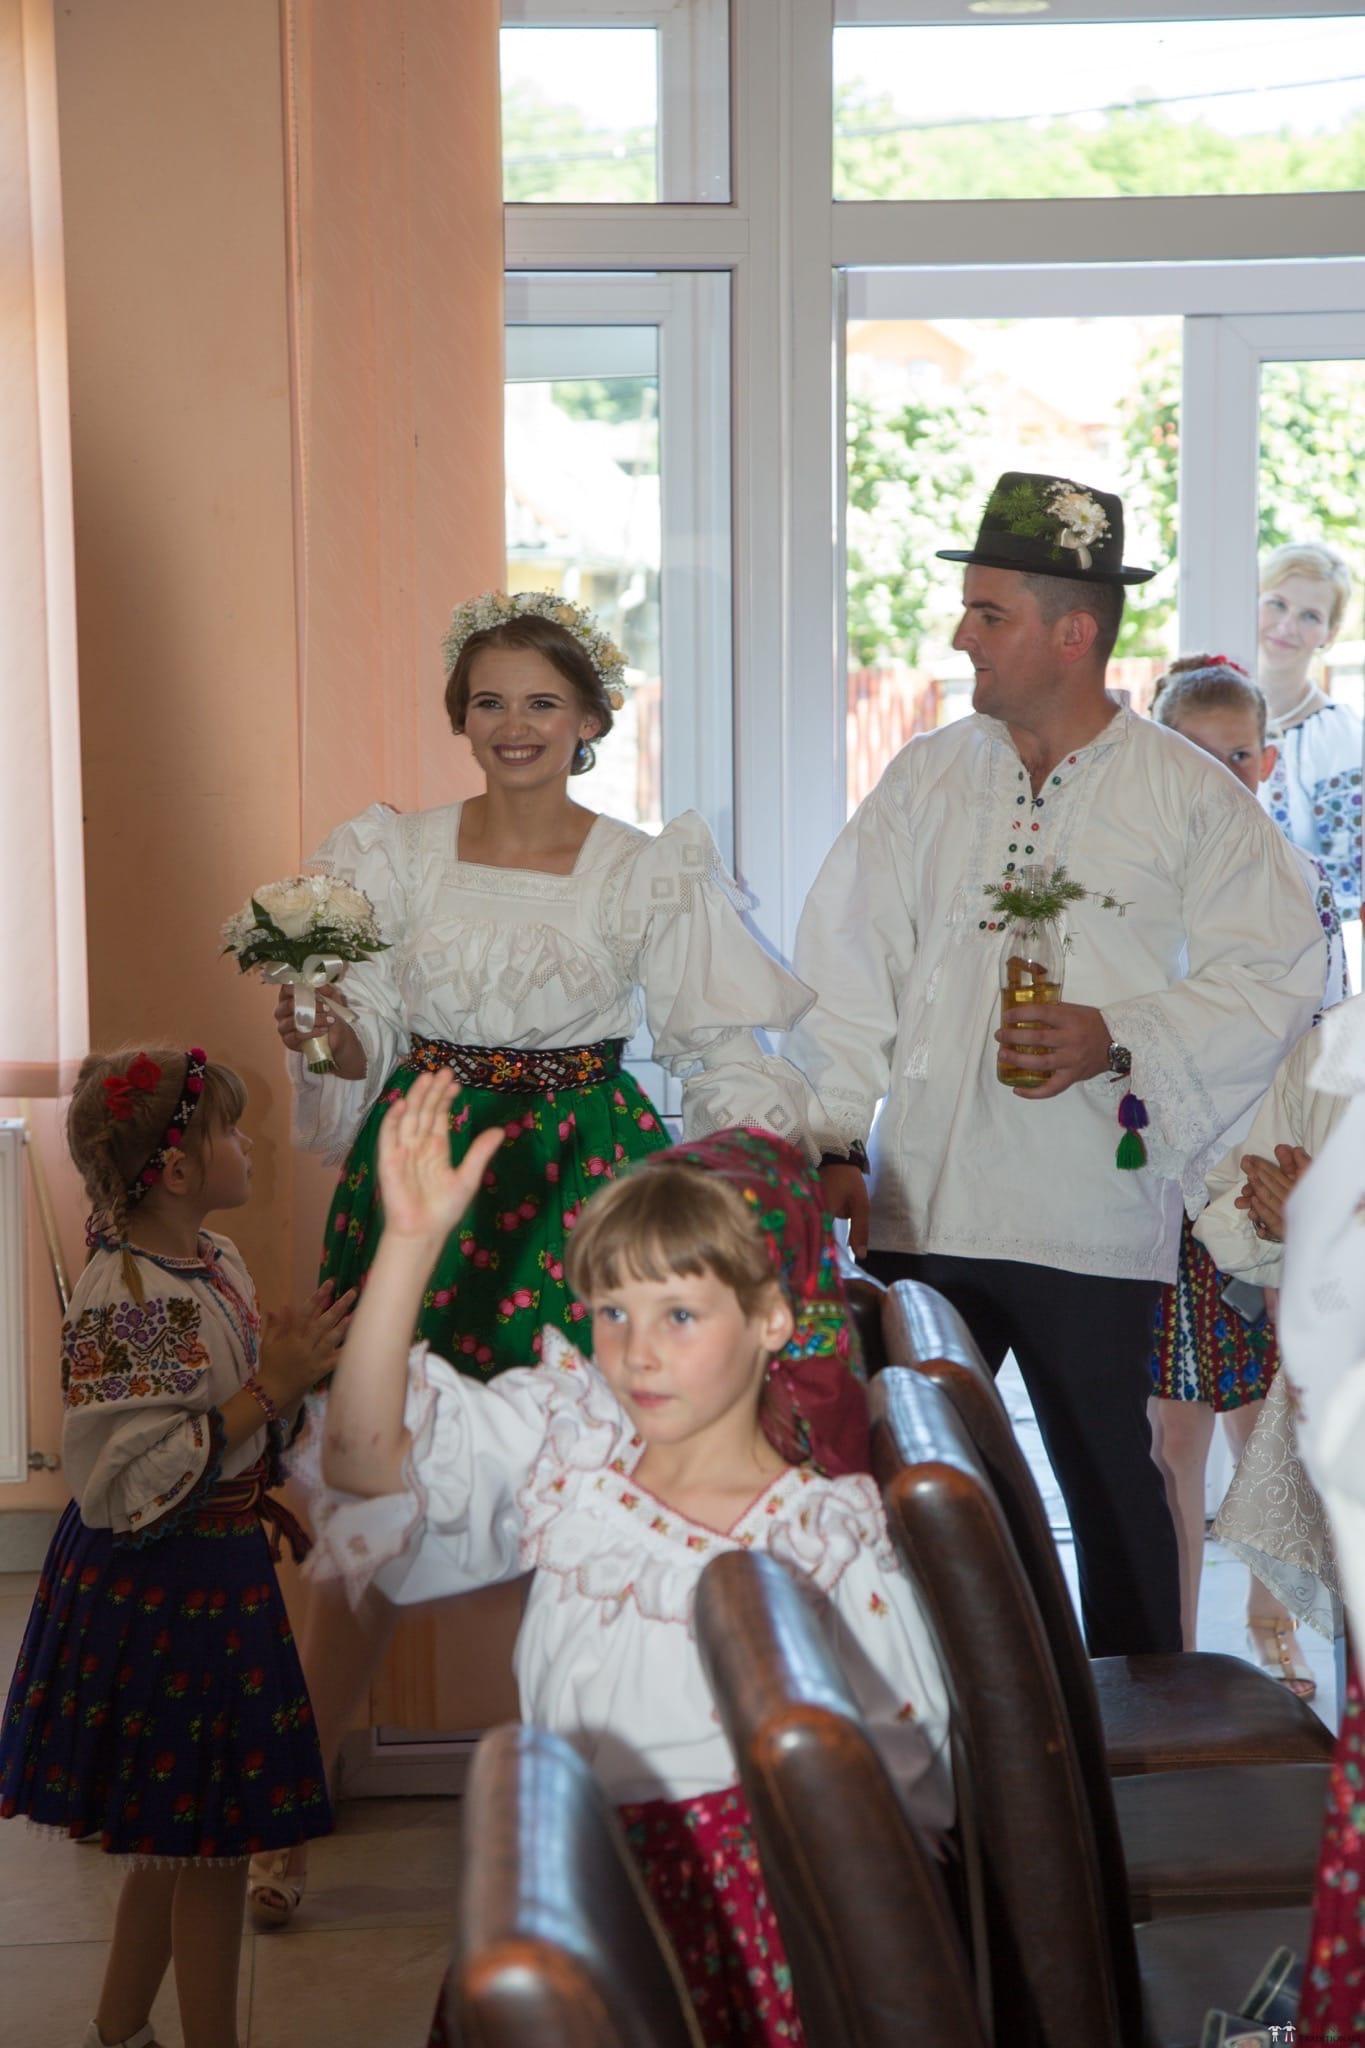 Povești Nunți Tradiționale - Ancuța și Nicu, cununie tradițională în Giulești, Maramureș 37